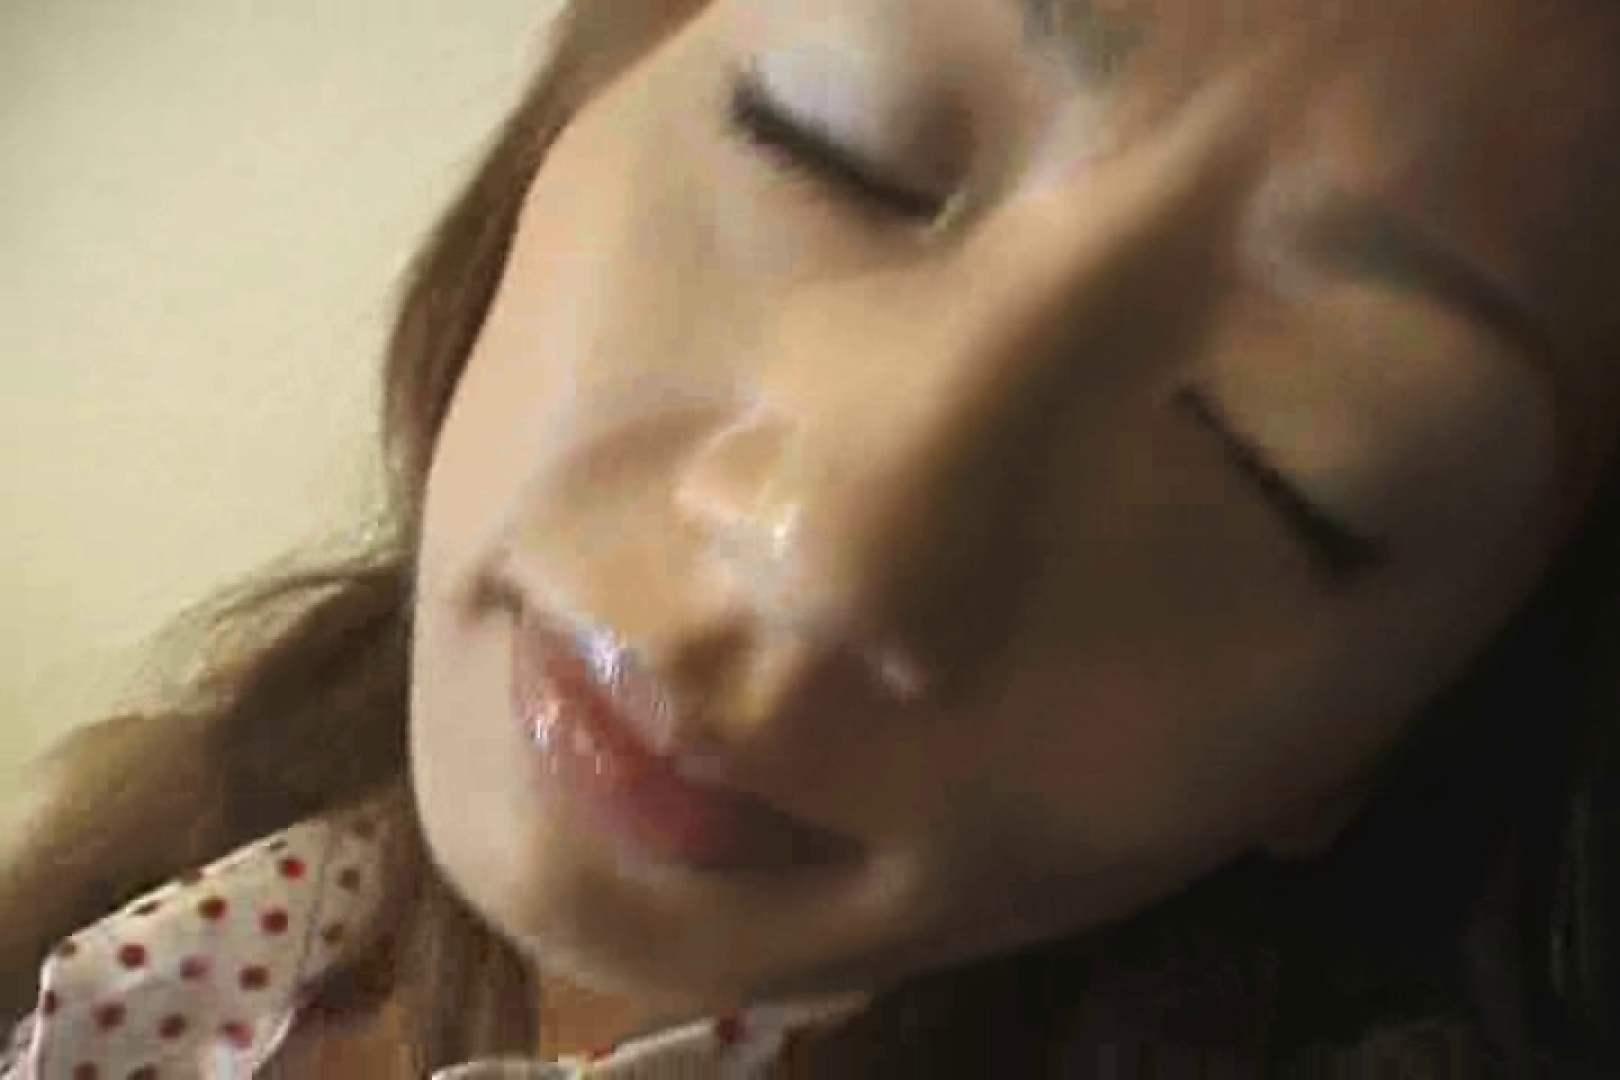 仁義なきキンタマ 伊藤孝一のアルバム 流出作品 | カップル  78枚 43